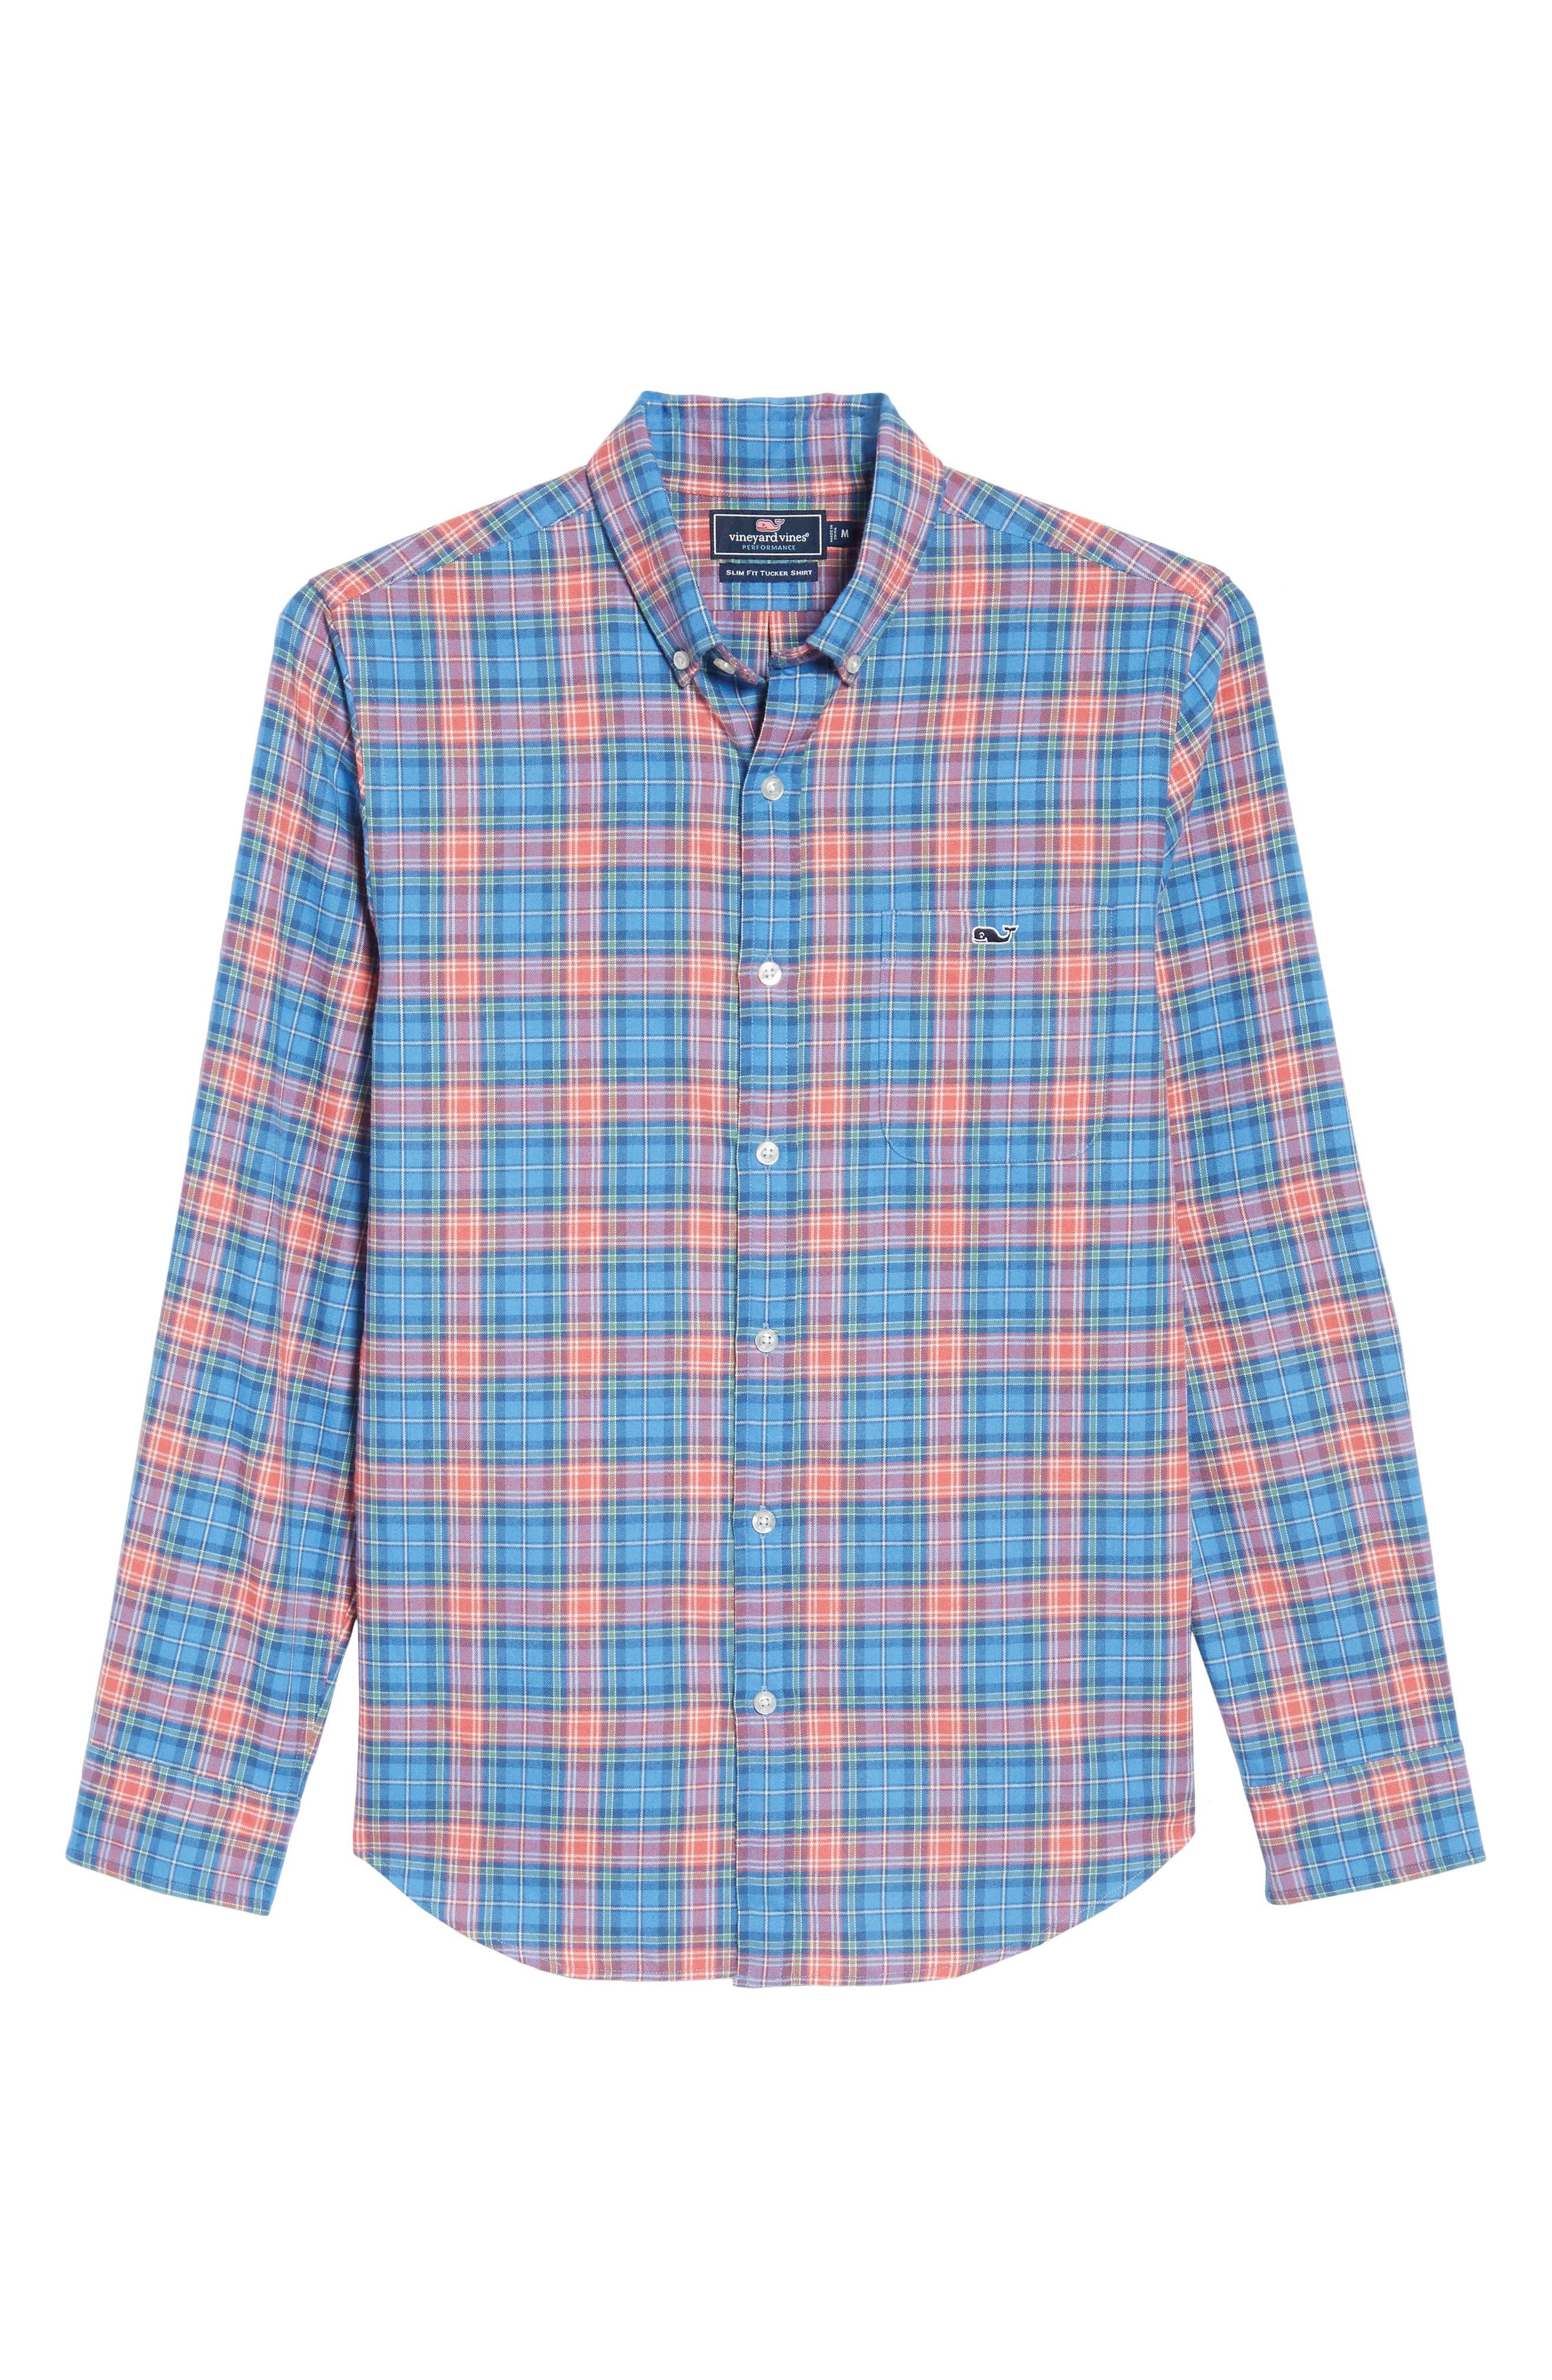 Kingsley Park Slim Fit Plaid Sport Shirt,                             Alternate thumbnail 6, color,                             Bimini Blue